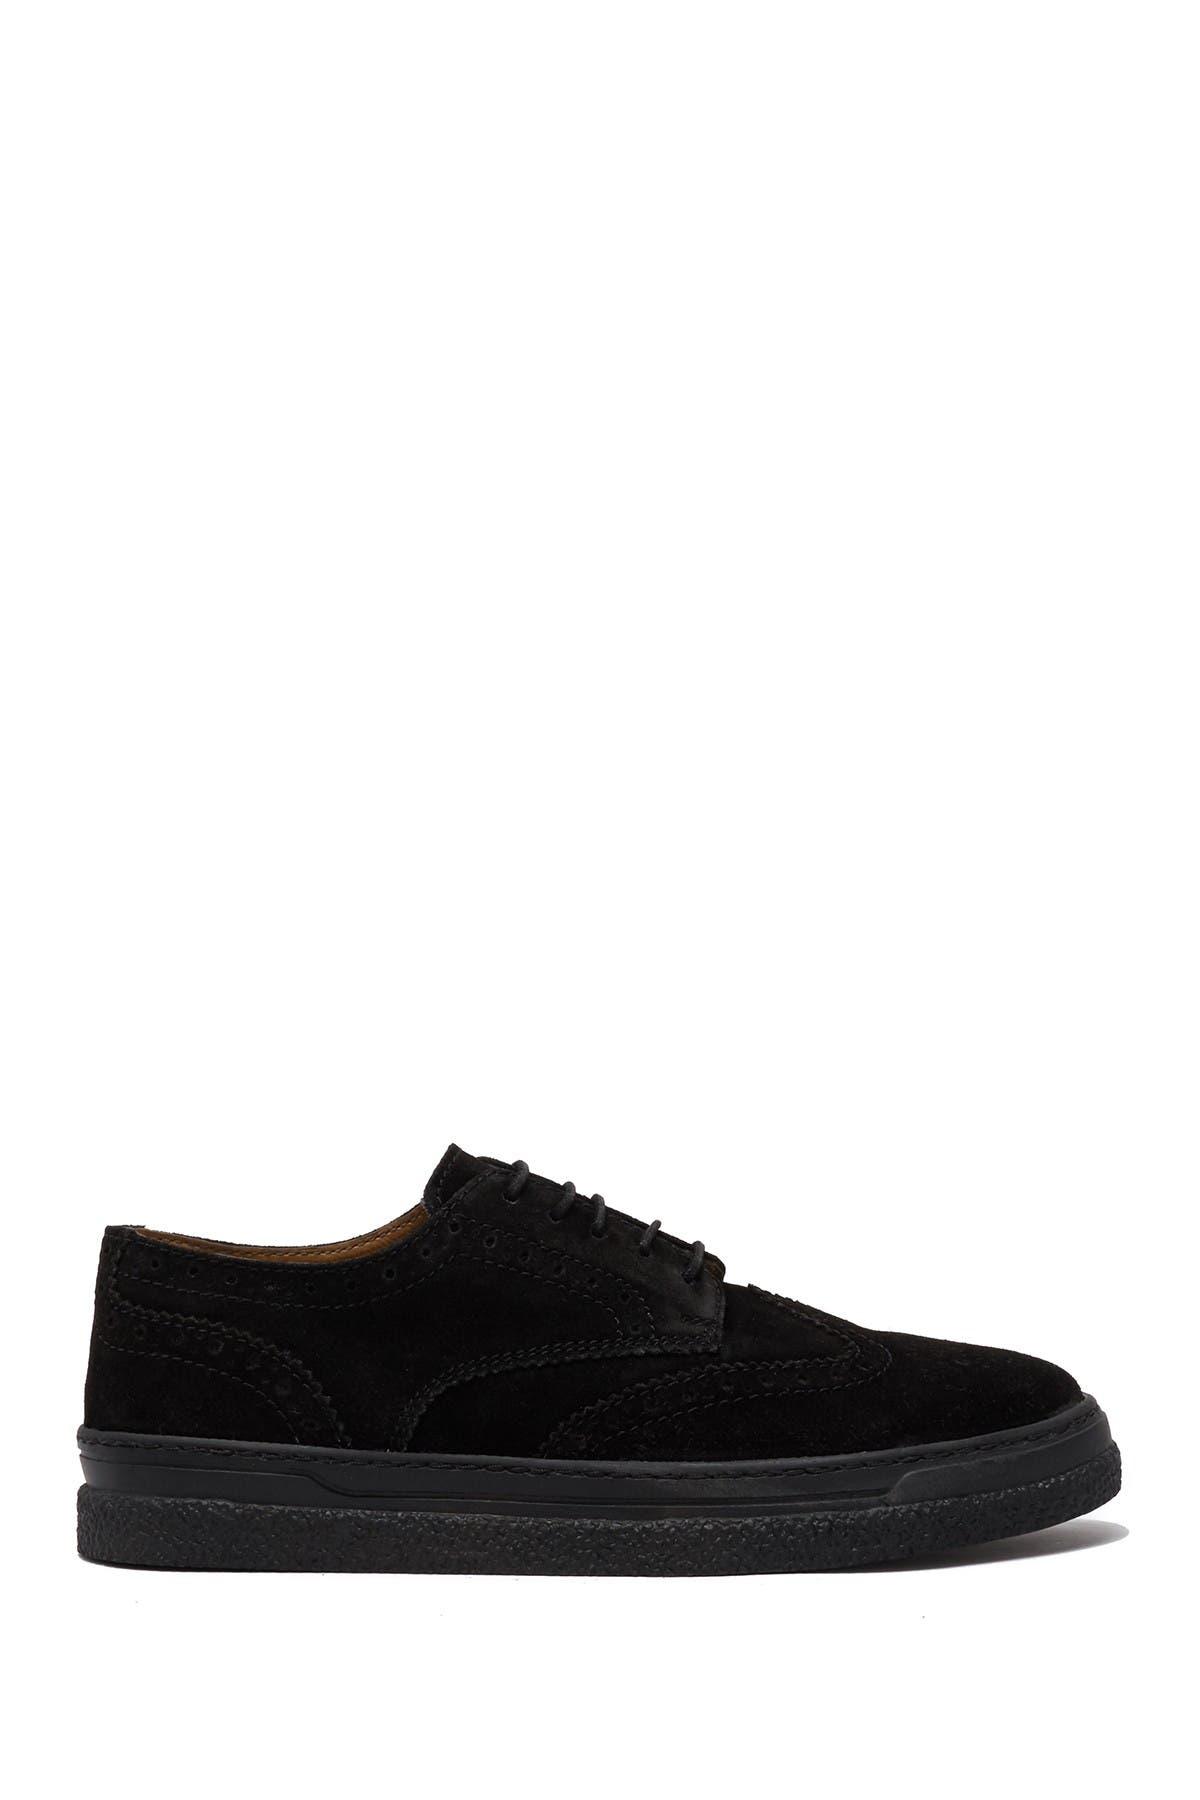 TOPMAN | Vesper Brogue Sneaker